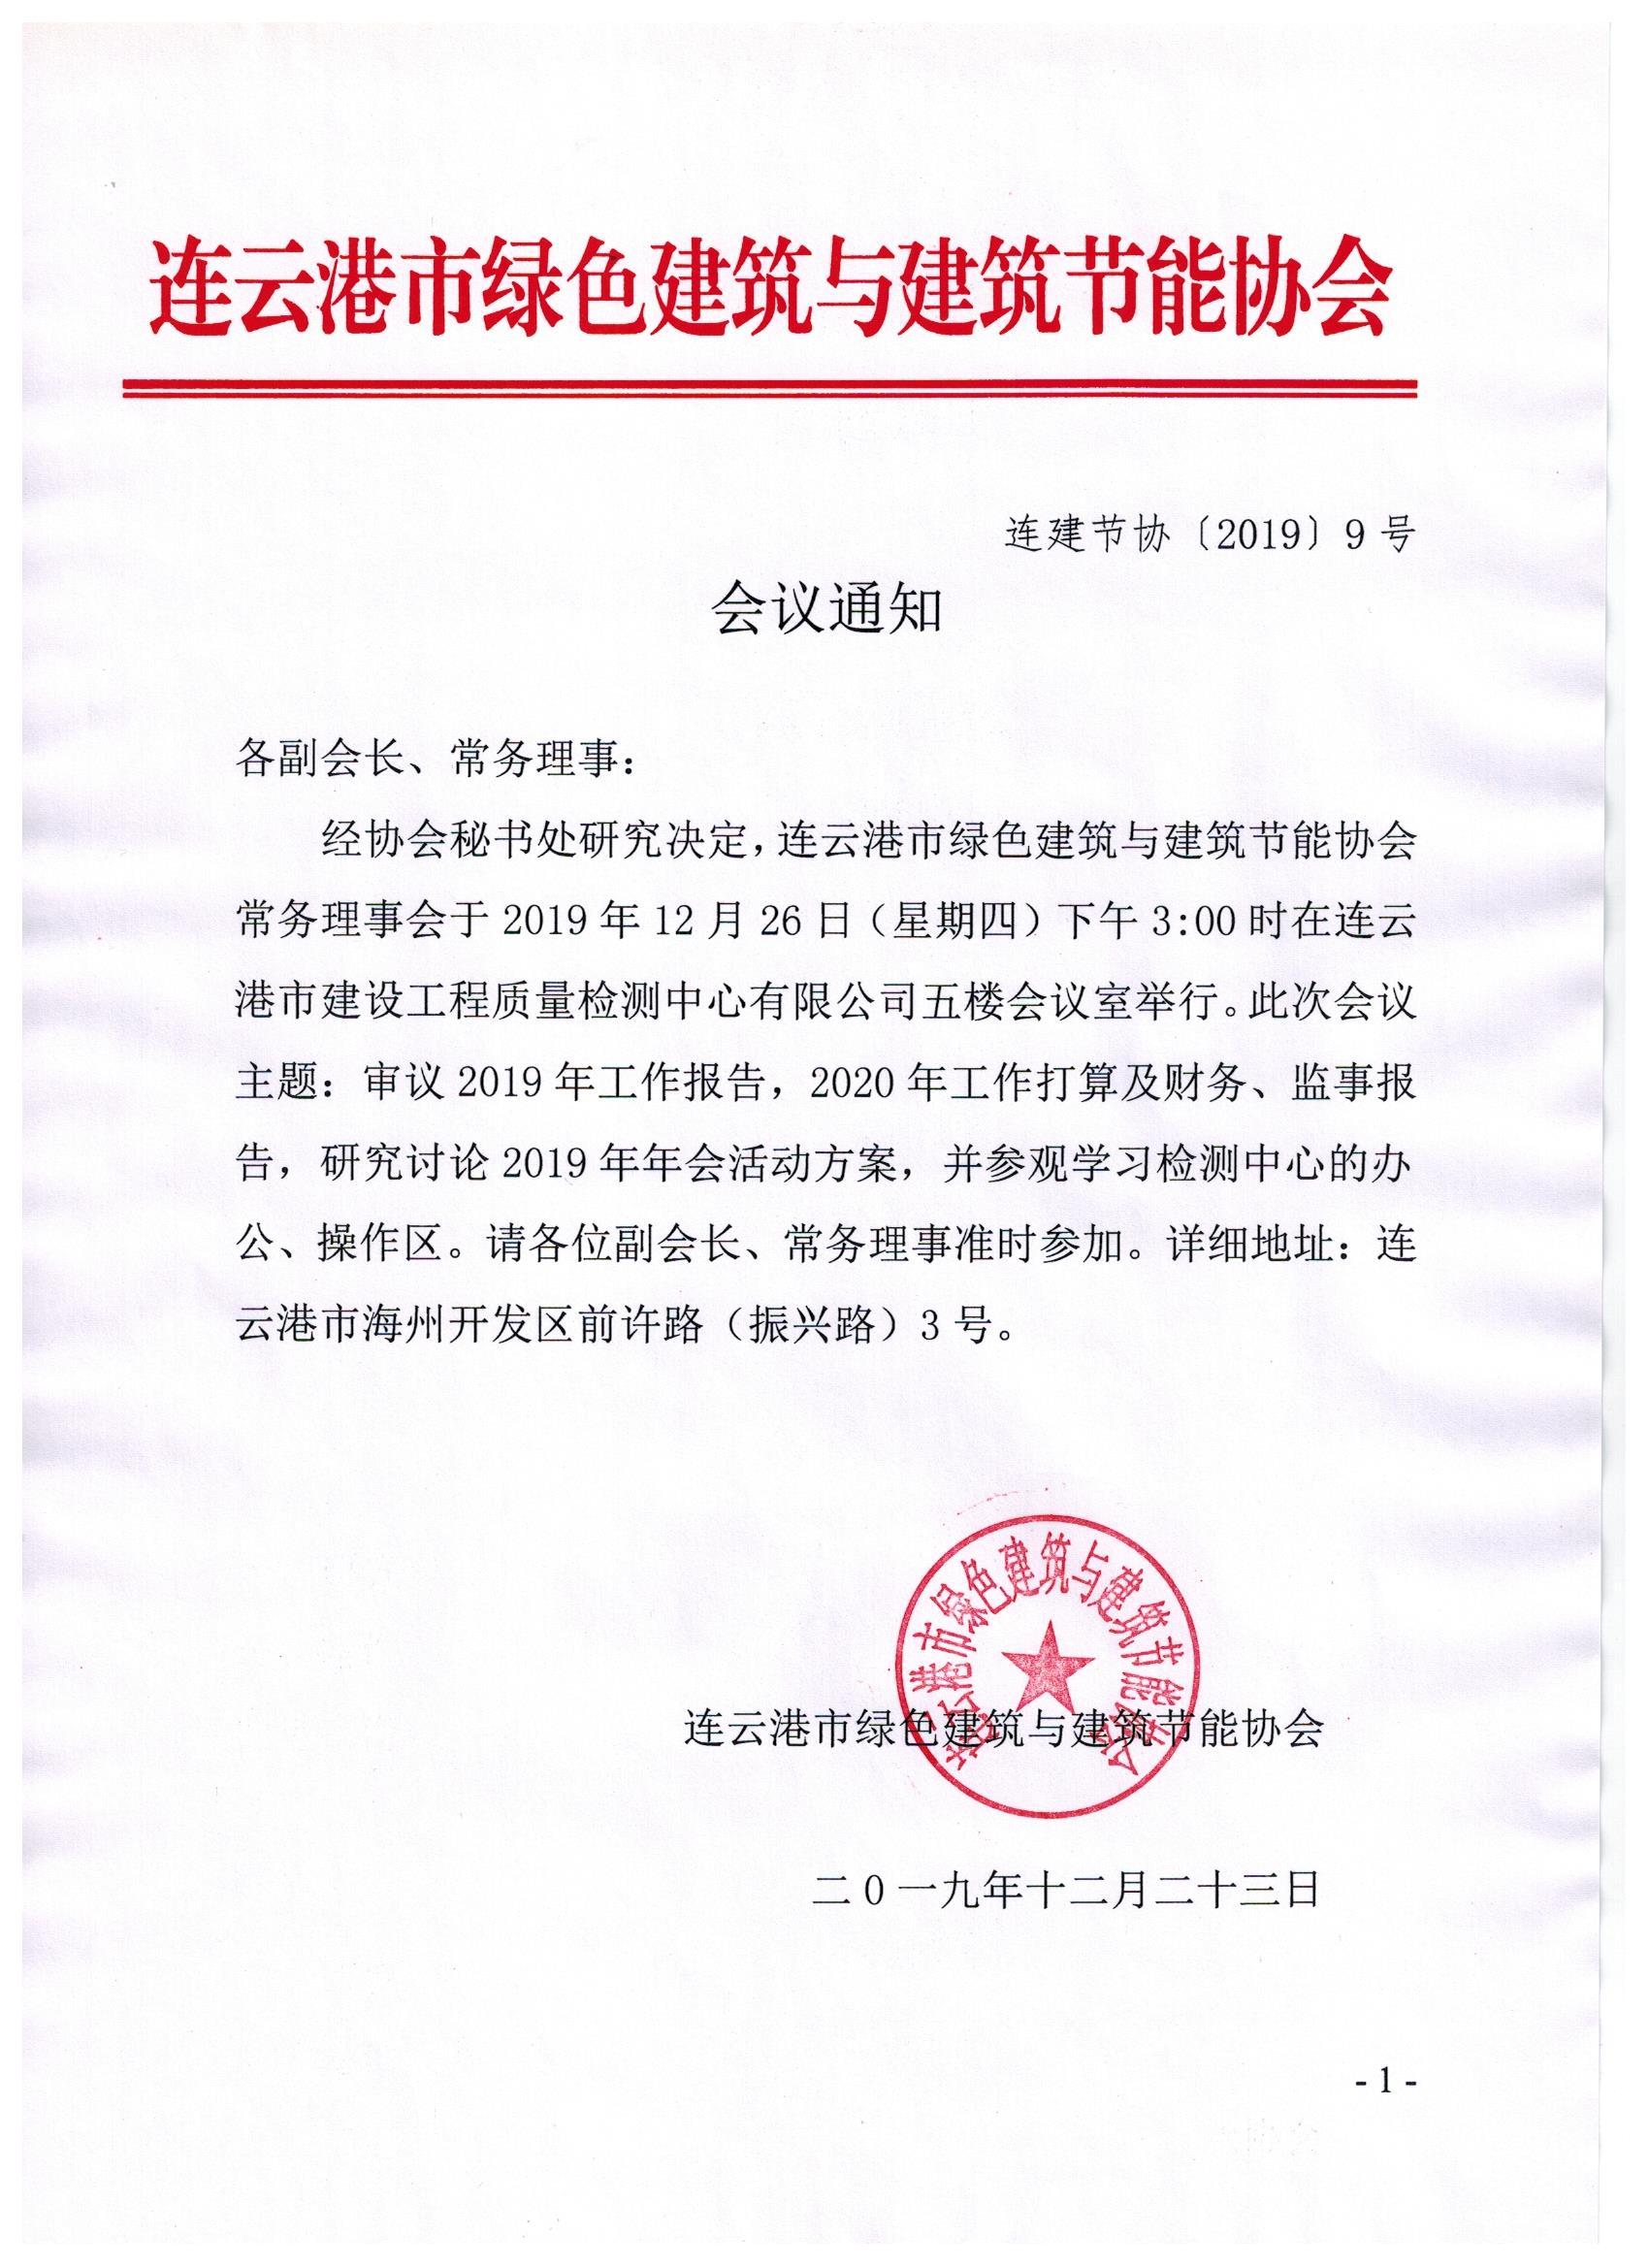 连云港市绿色建筑与建筑节能协会常务理事会会议通知